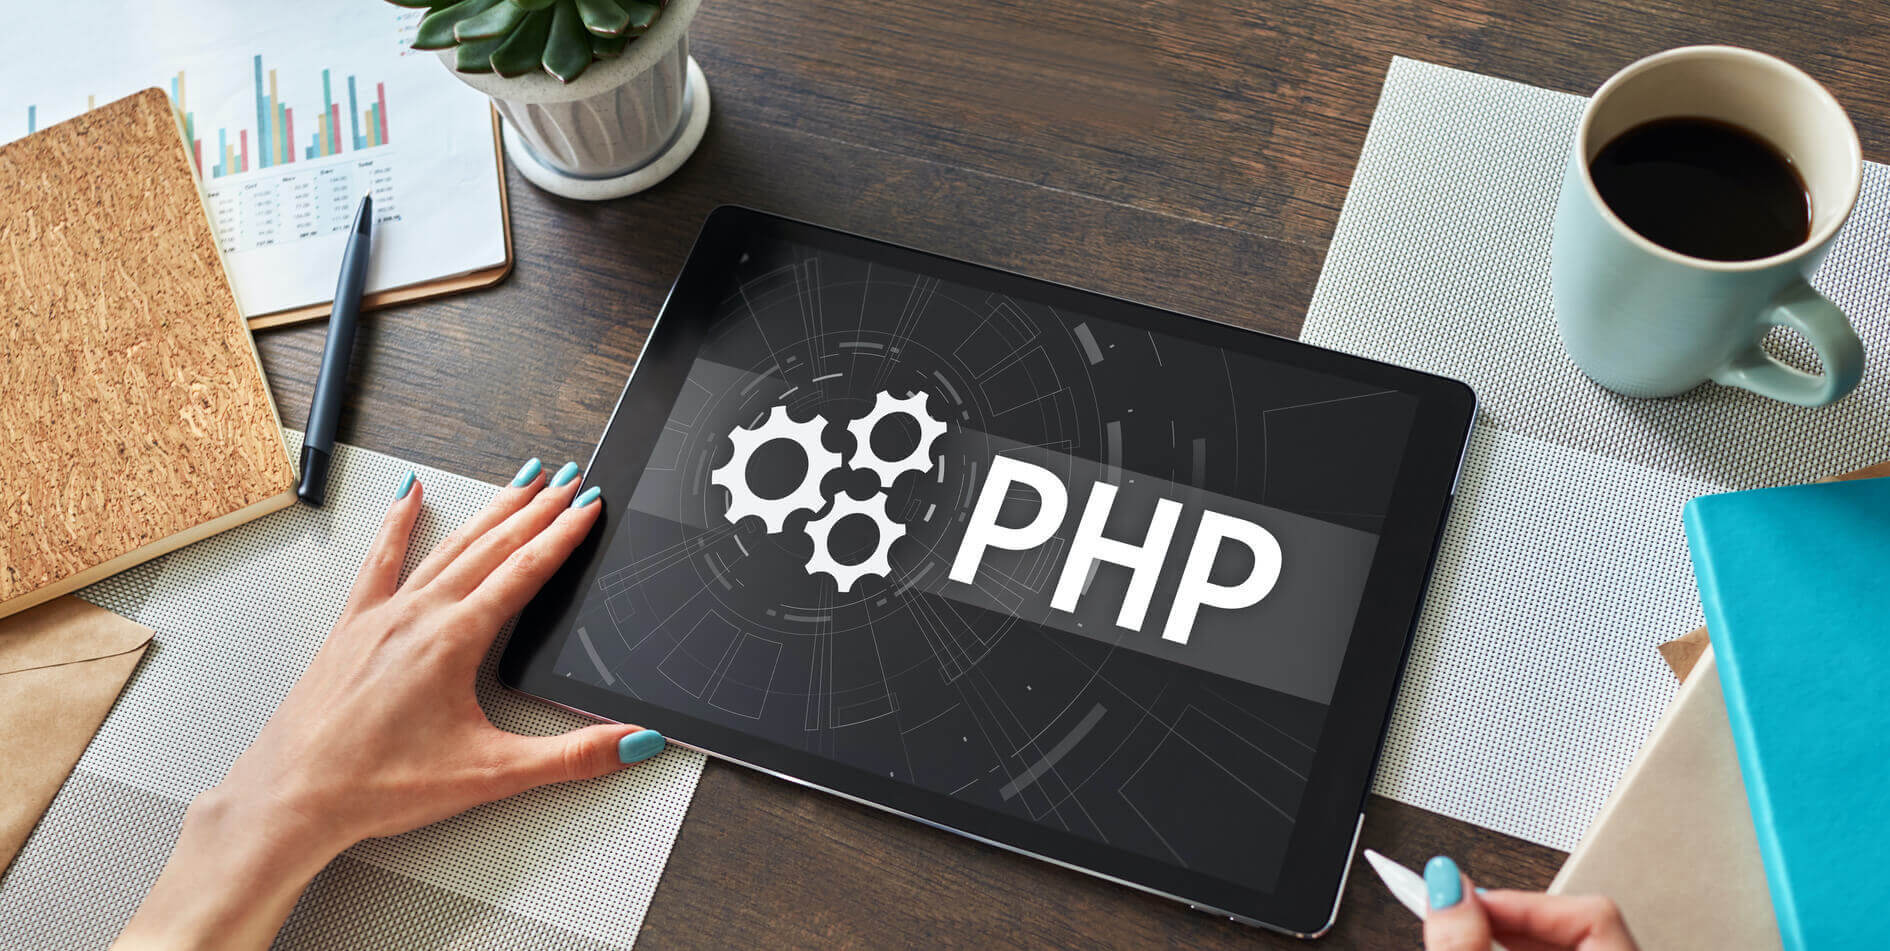 【PHP】レンタルサーバーに開発環境Composerをセットしてみよう